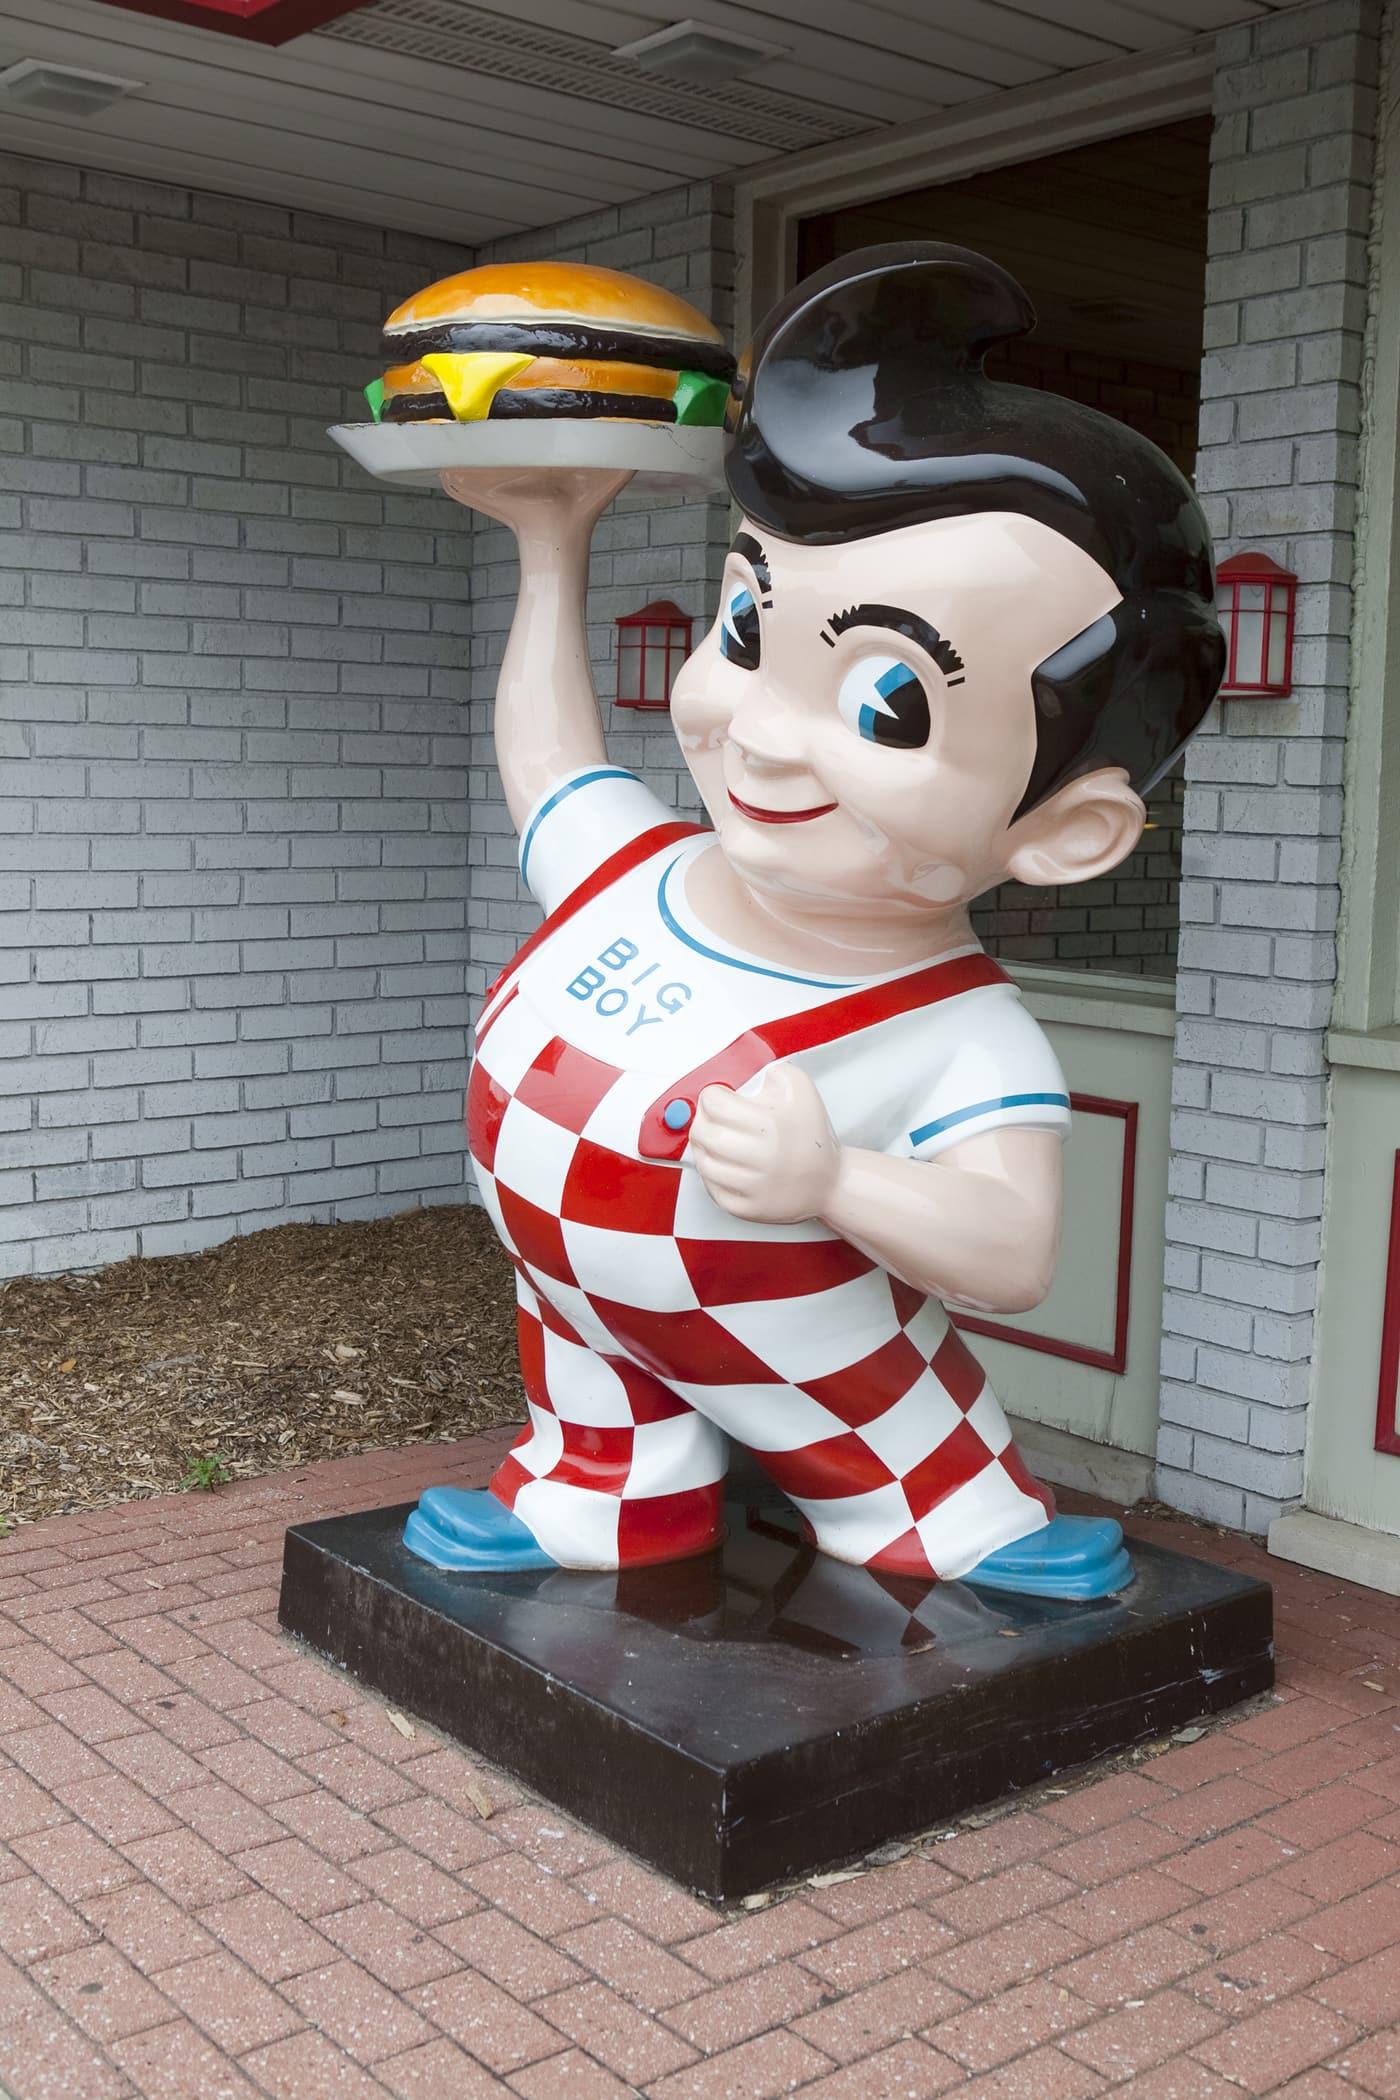 Big Boy Statue